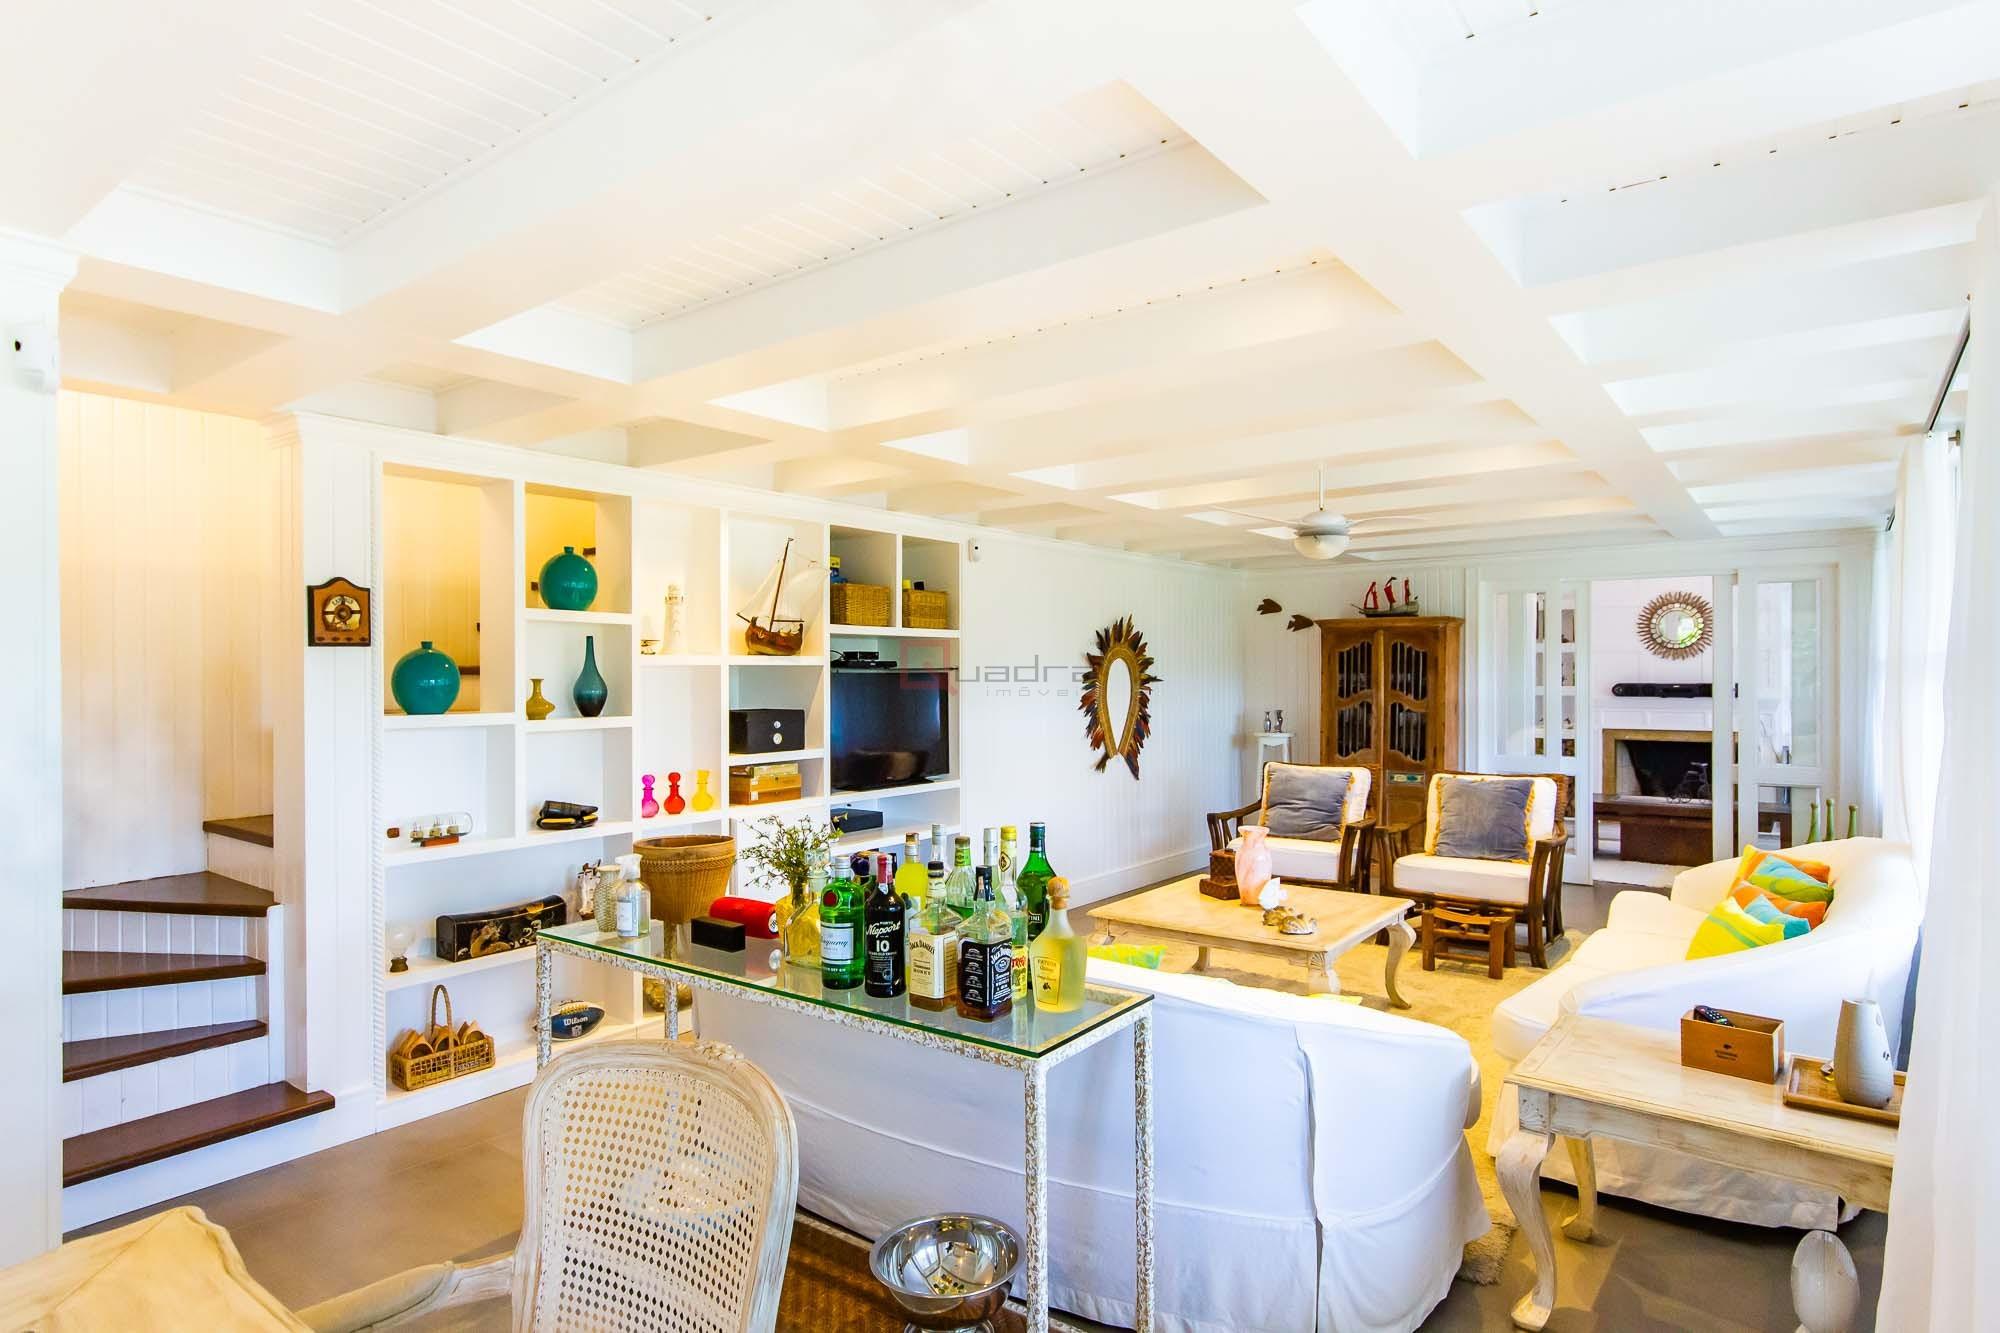 Casa com 5 dormitórios (4 suítes) à venda em São Sebastião, no bairro Santiago